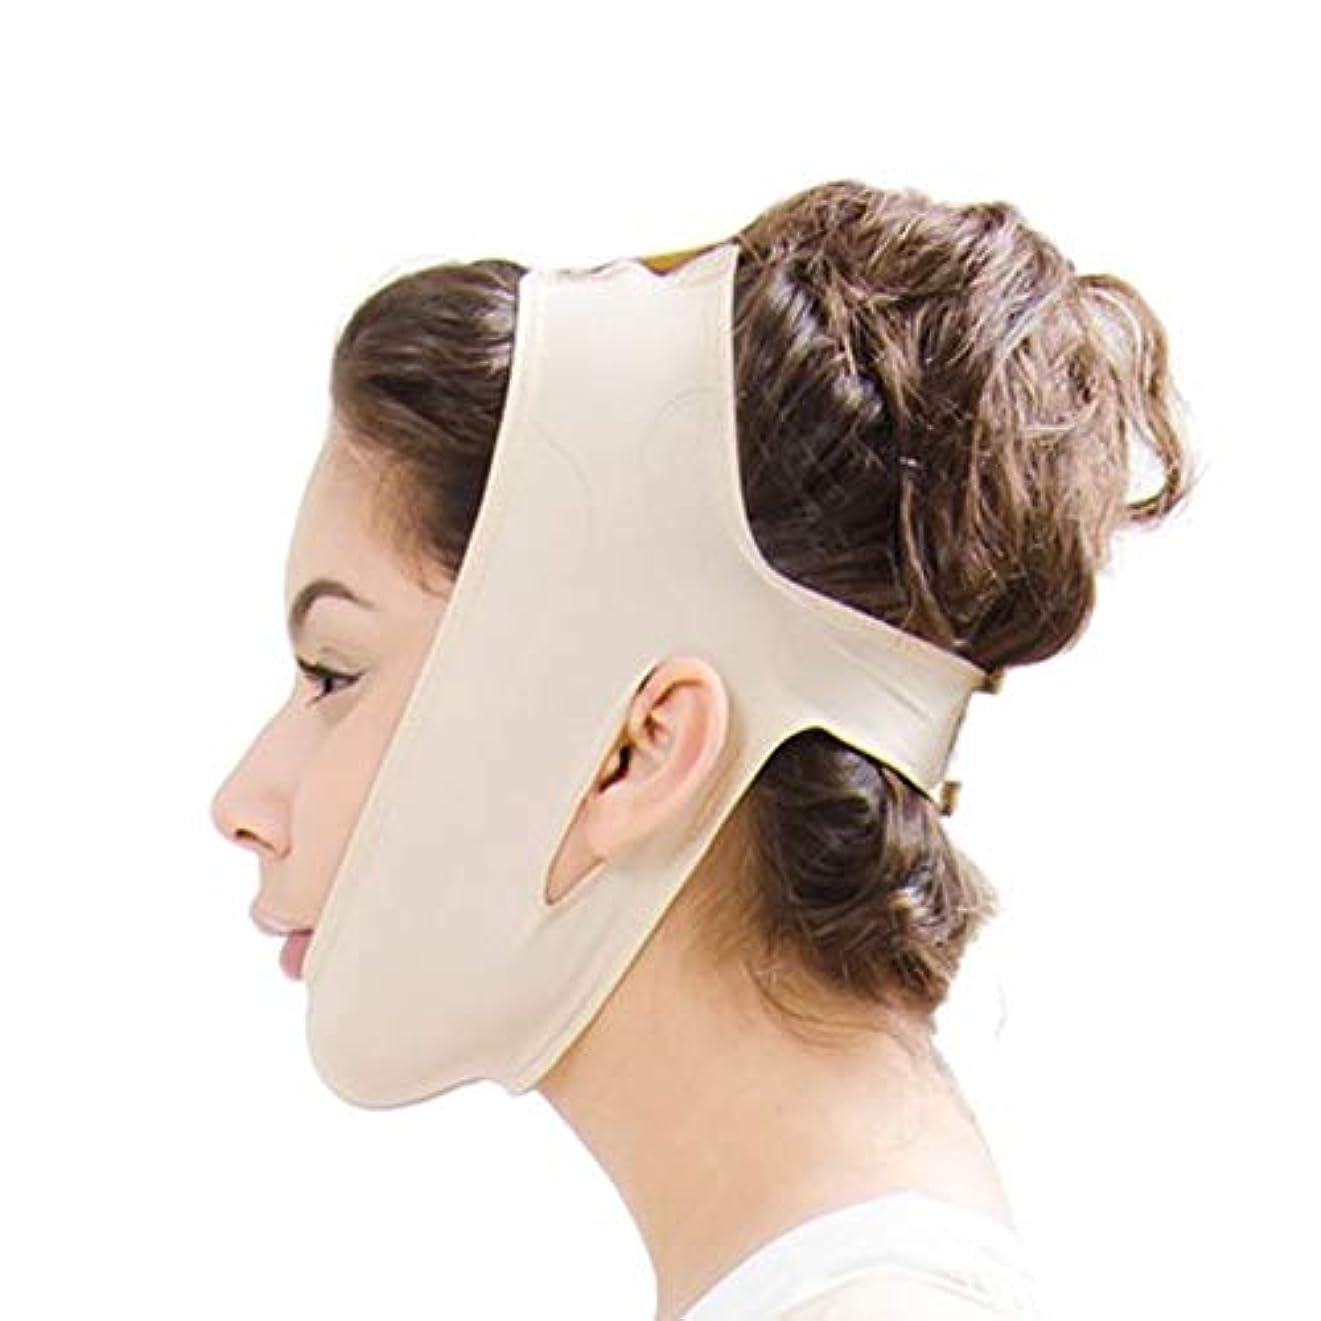 プロフィール減るシリンダーGLJJQMY フェイシャルリフティングマスクフェイシャルダブルチンコンプレッションV字型フェイスブレスレットヘッドギアリフティングファーミングスキン 顔用整形マスク (Size : XL)